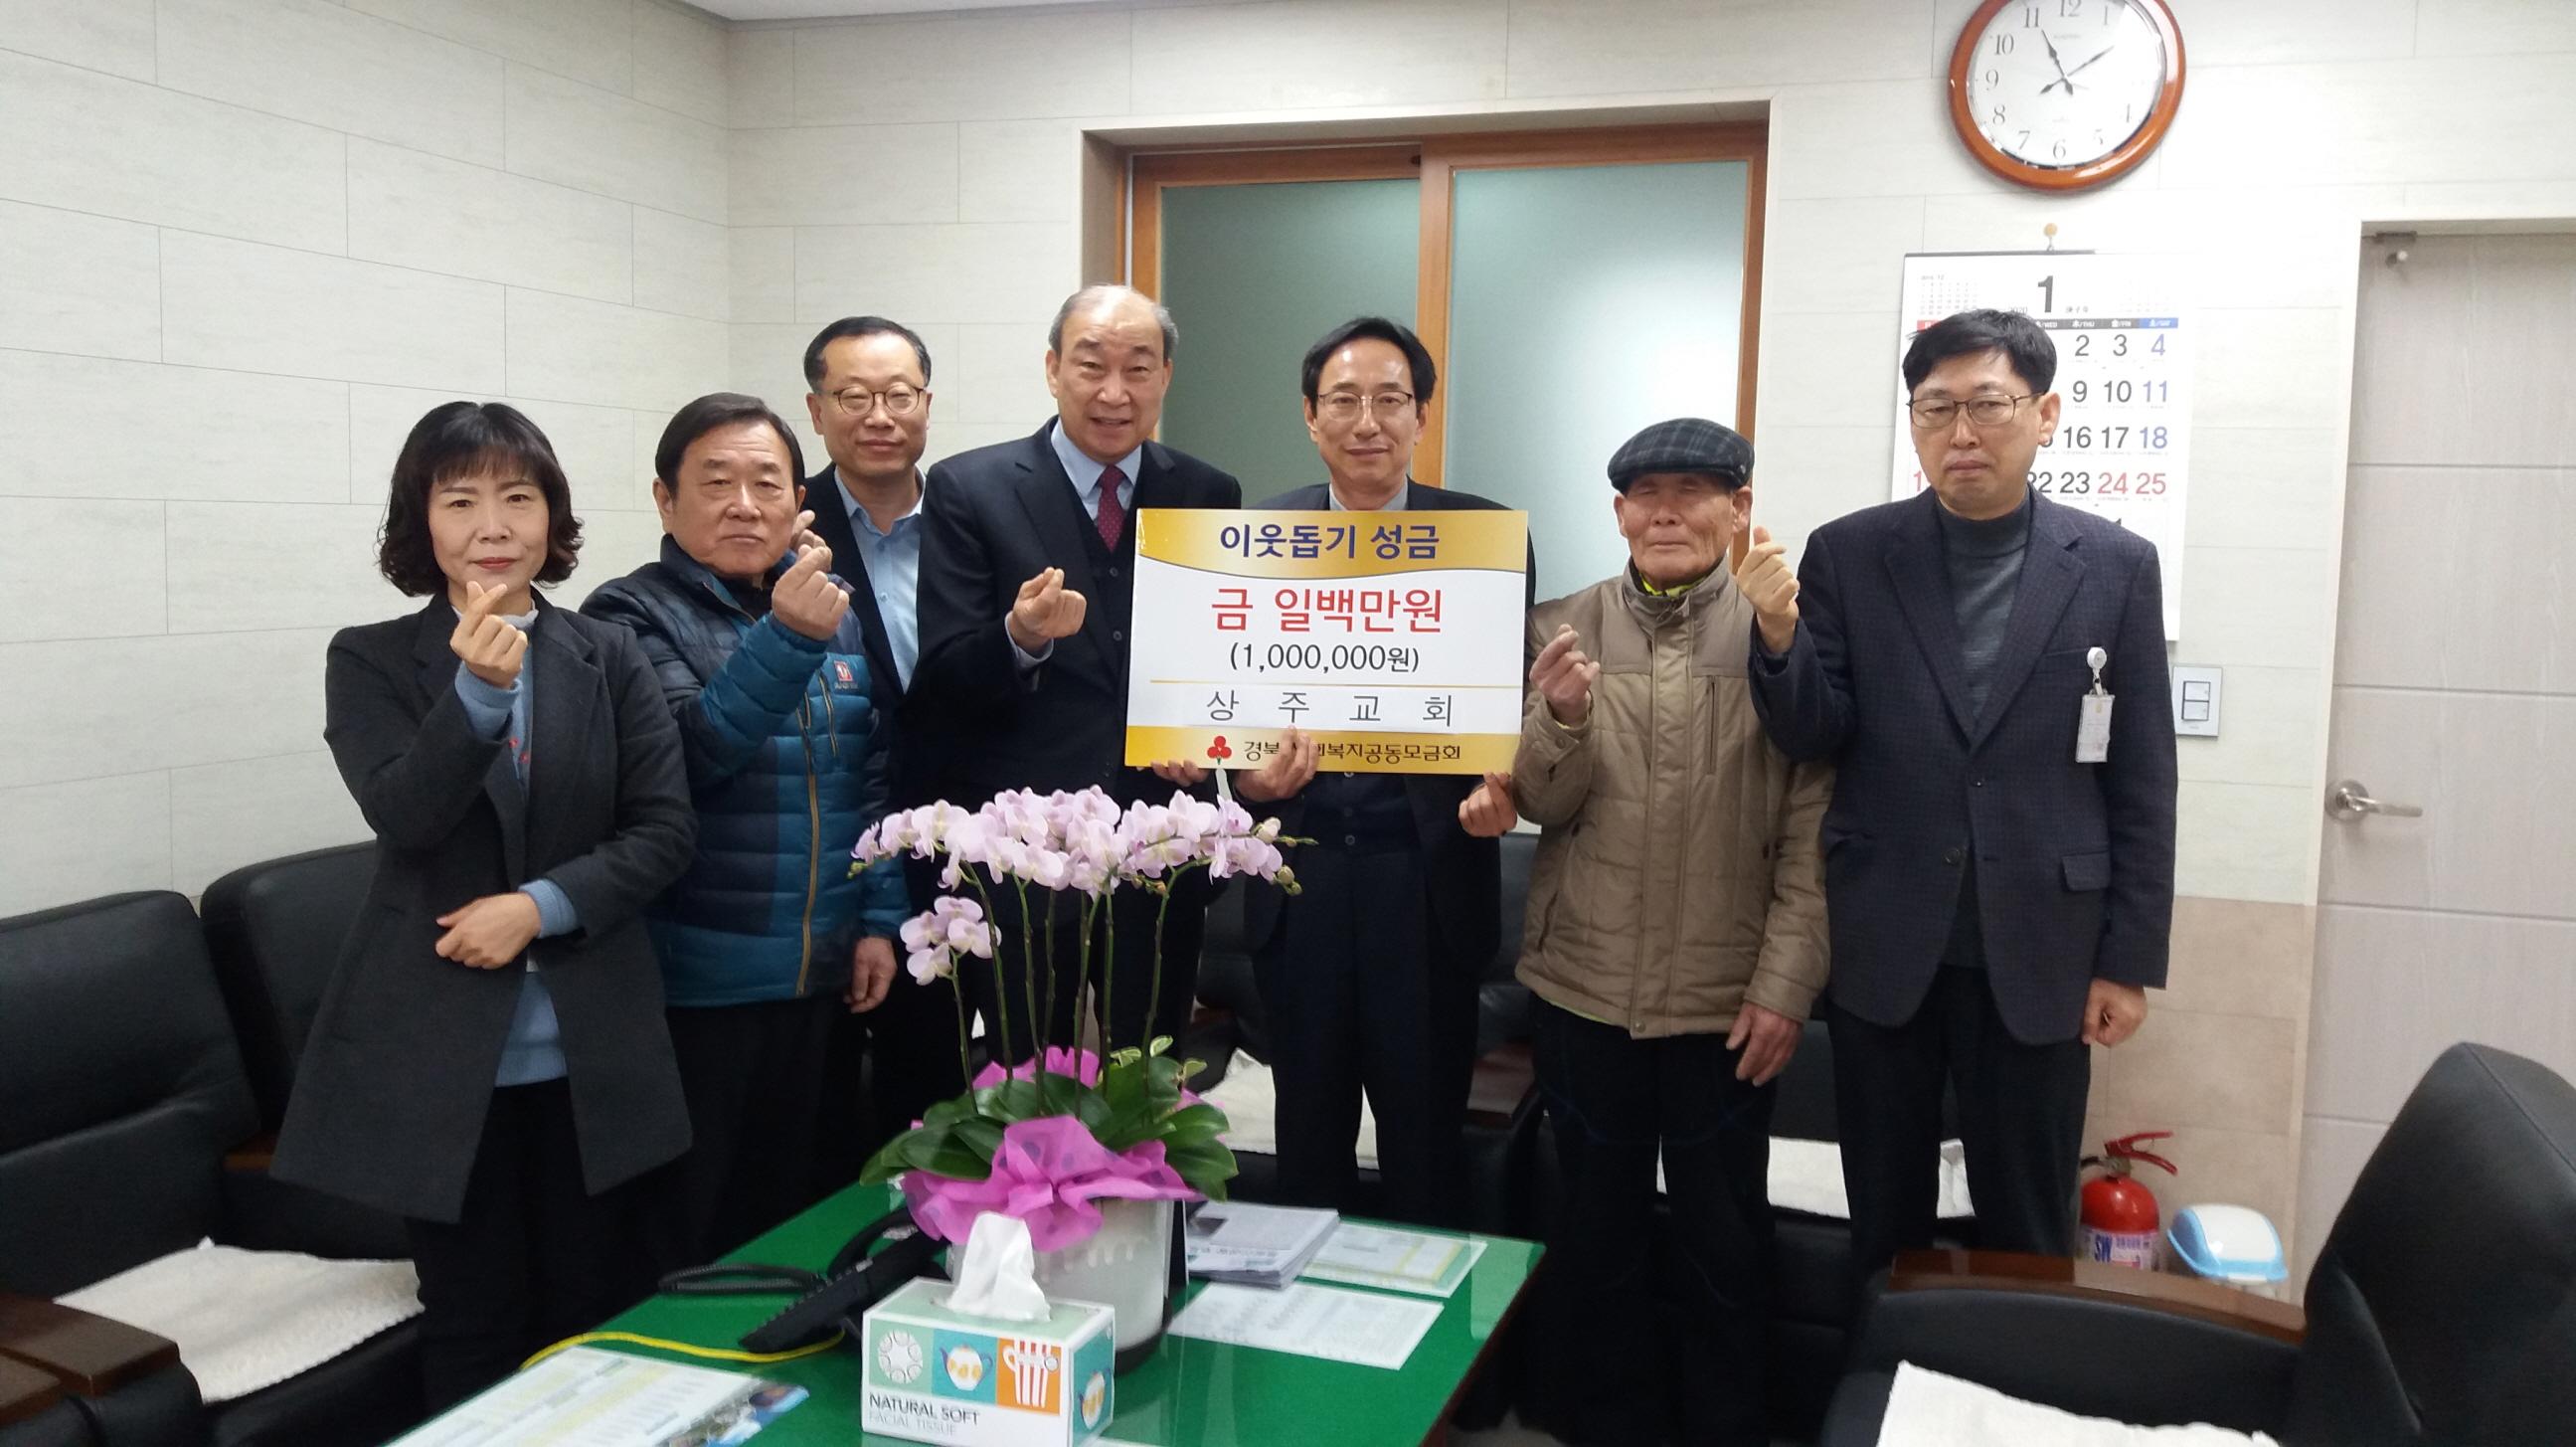 상주교회, 이웃돕기 성금 1백만 원 기탁